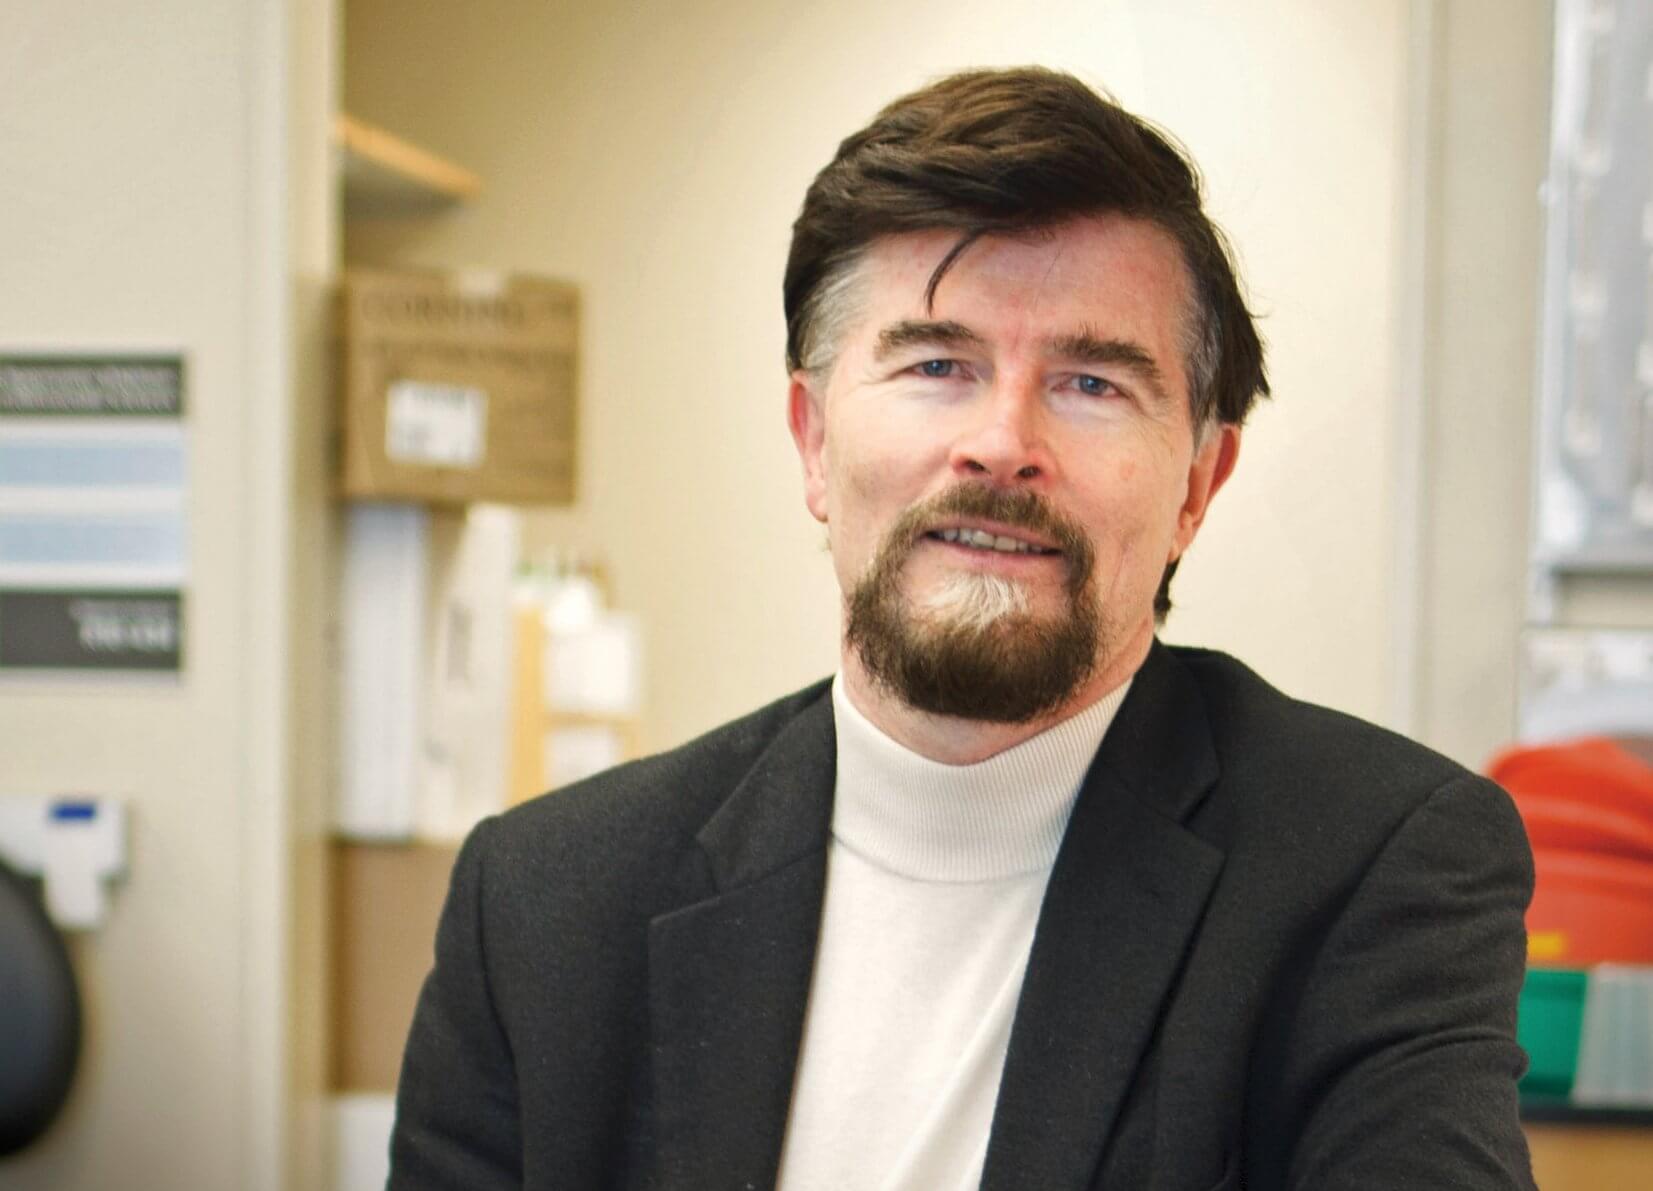 John P. Cooke, M.D., Ph.D., director of the Center for Cardiovascular Regeneration at Houston Methodist DeBakey Heart & Vascular Center